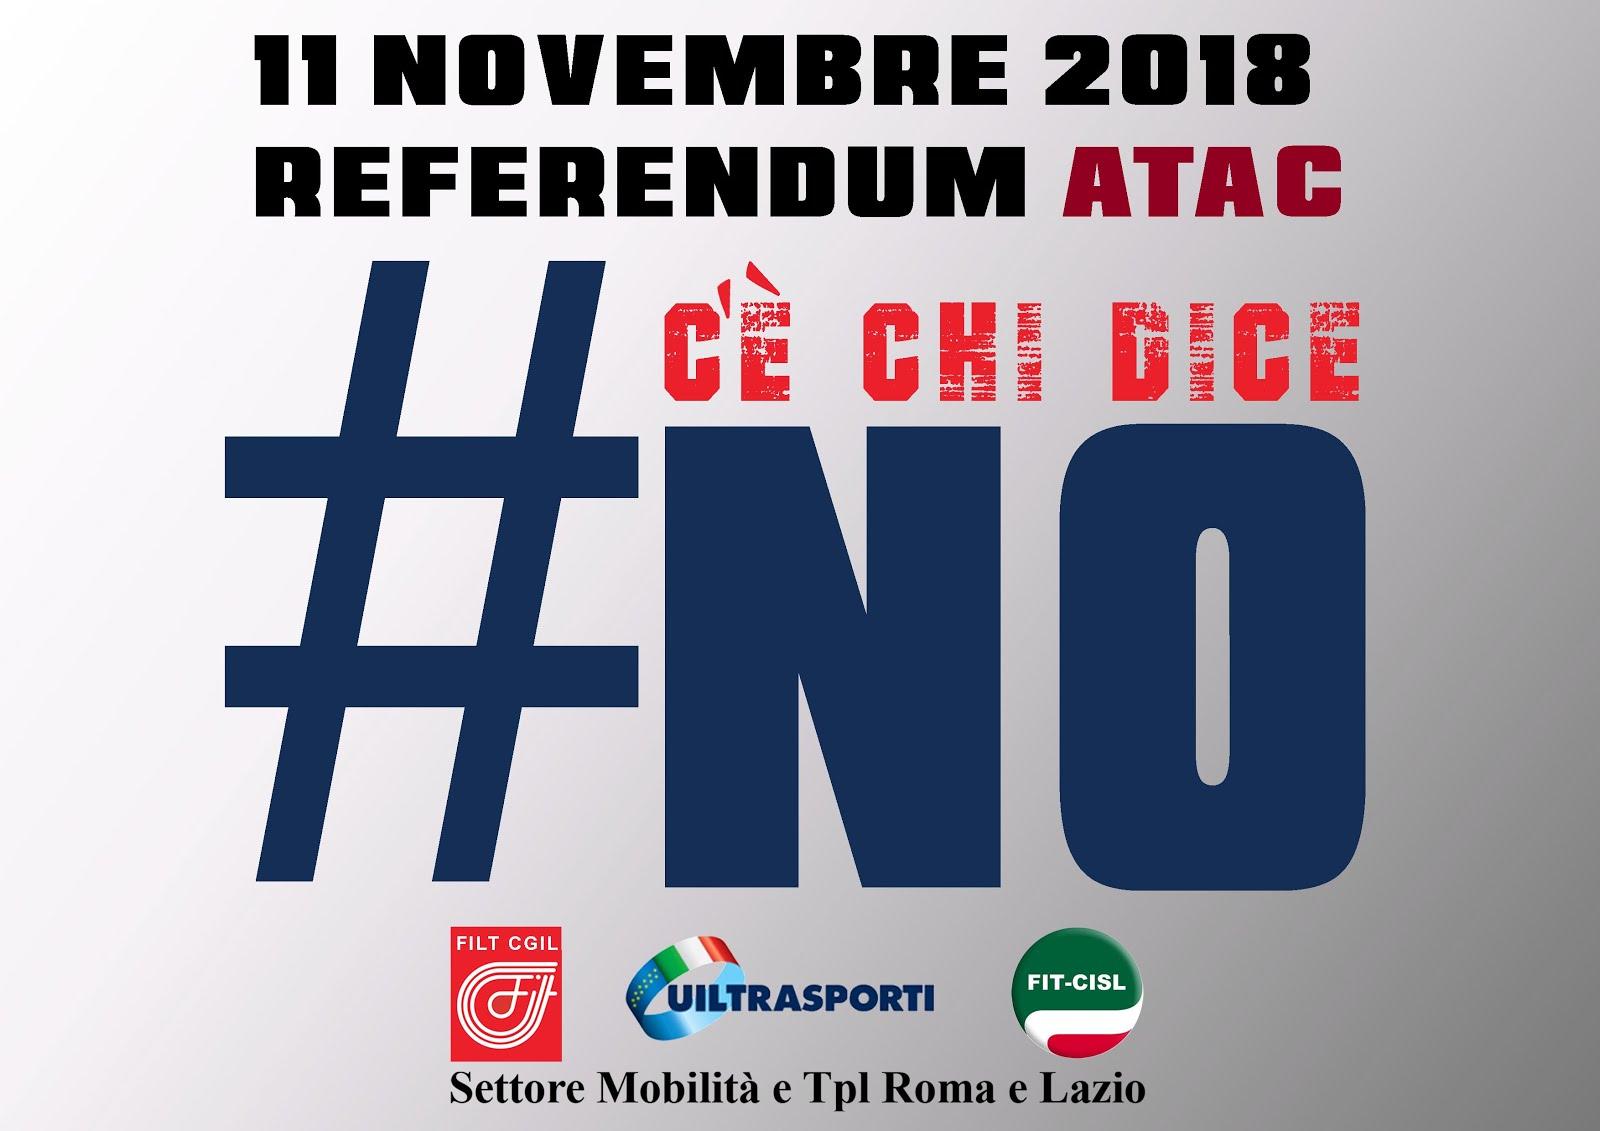 #C'È CHI DICE NO